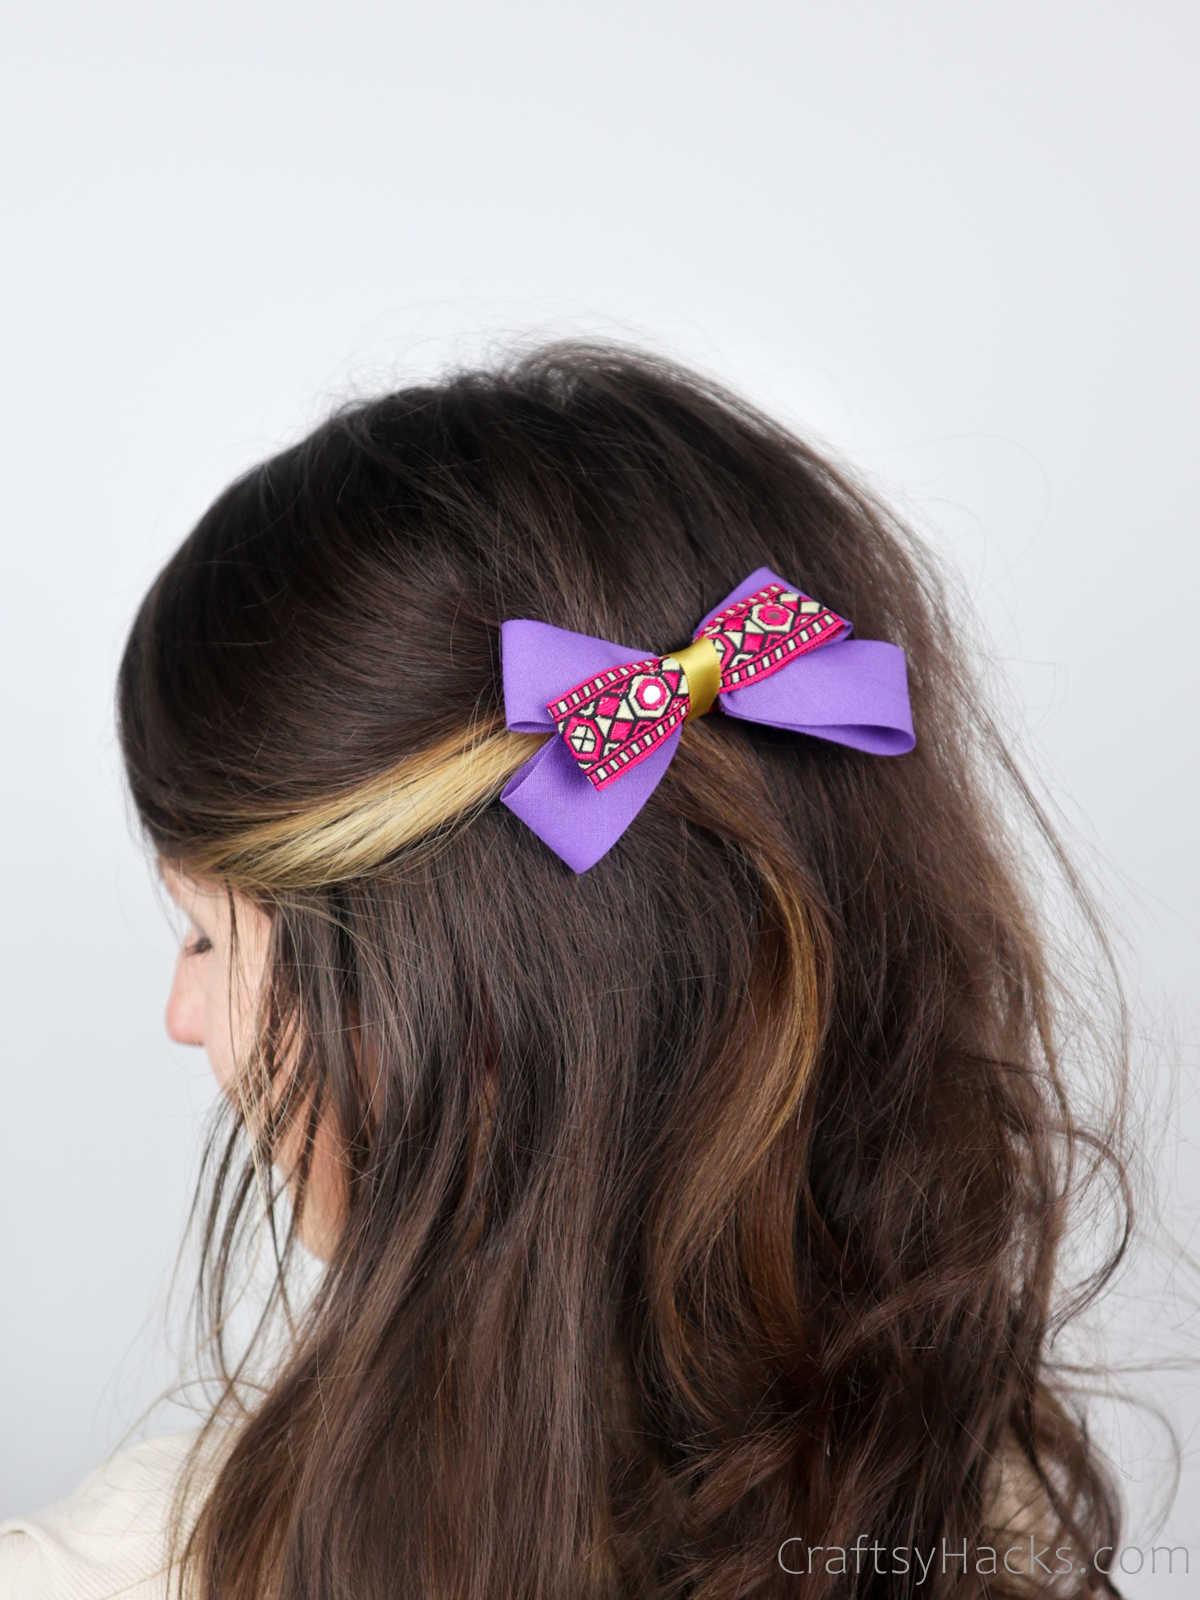 purple hair bow in hair